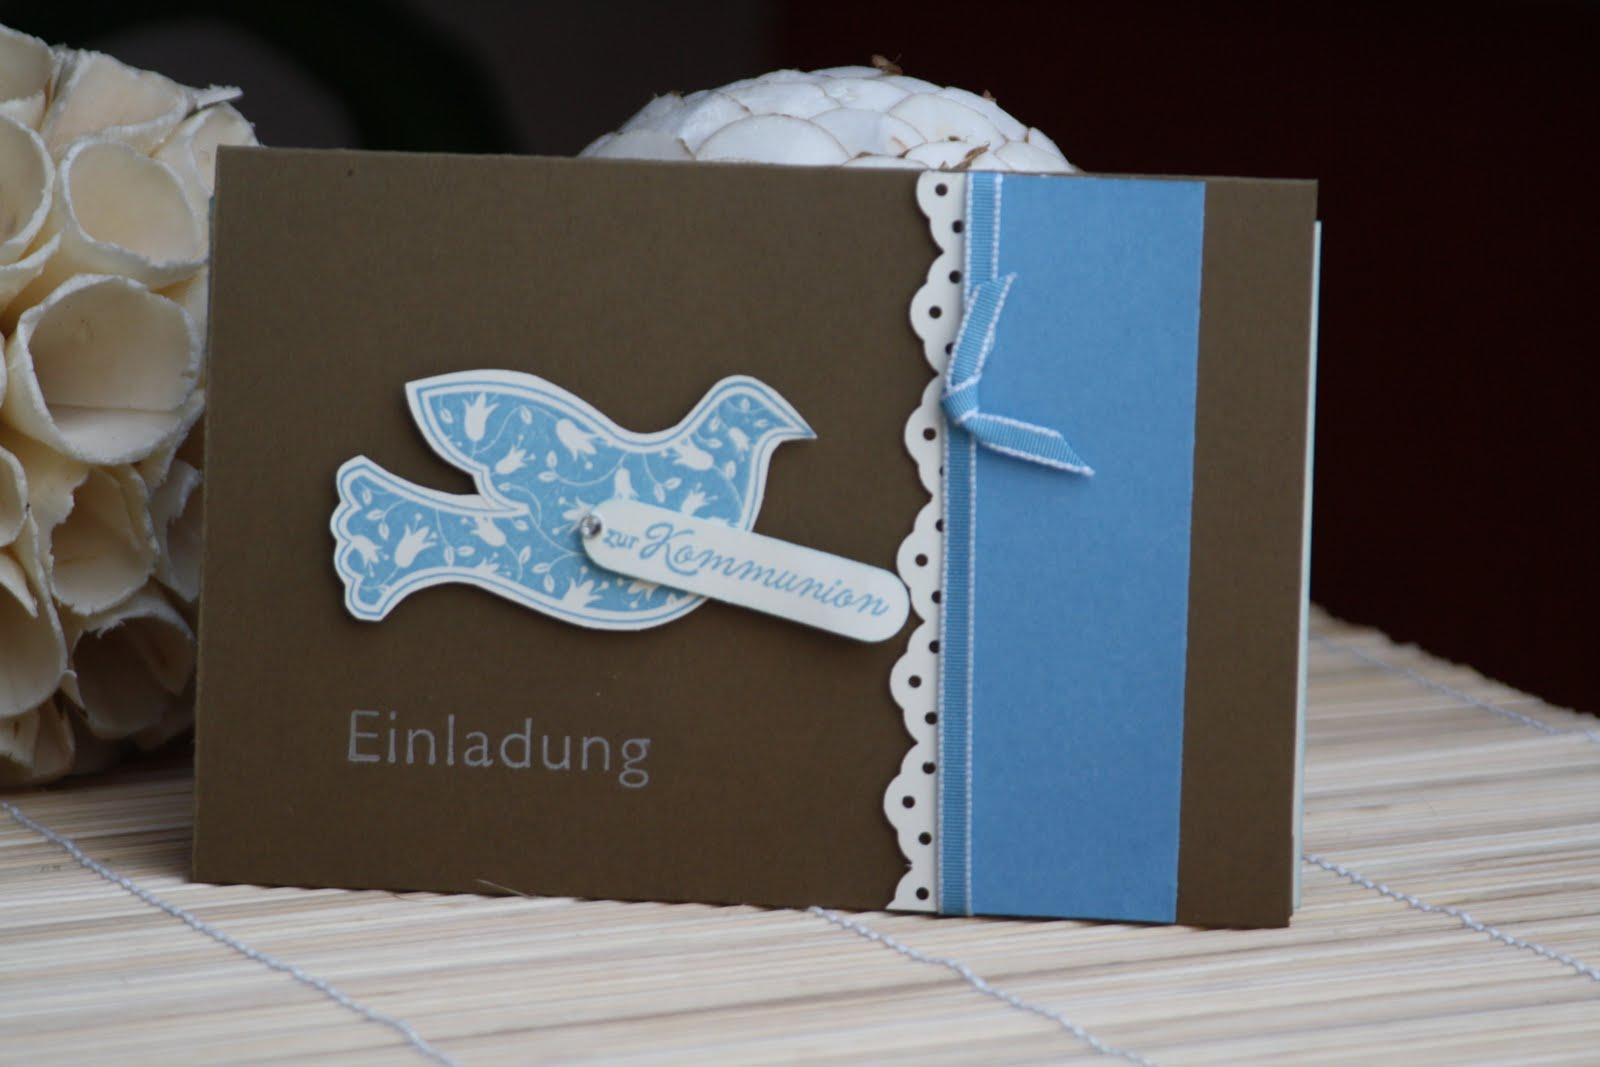 Catering design fotos de ideas y detalles de primera - Como hacer tarjetas para comunion ...